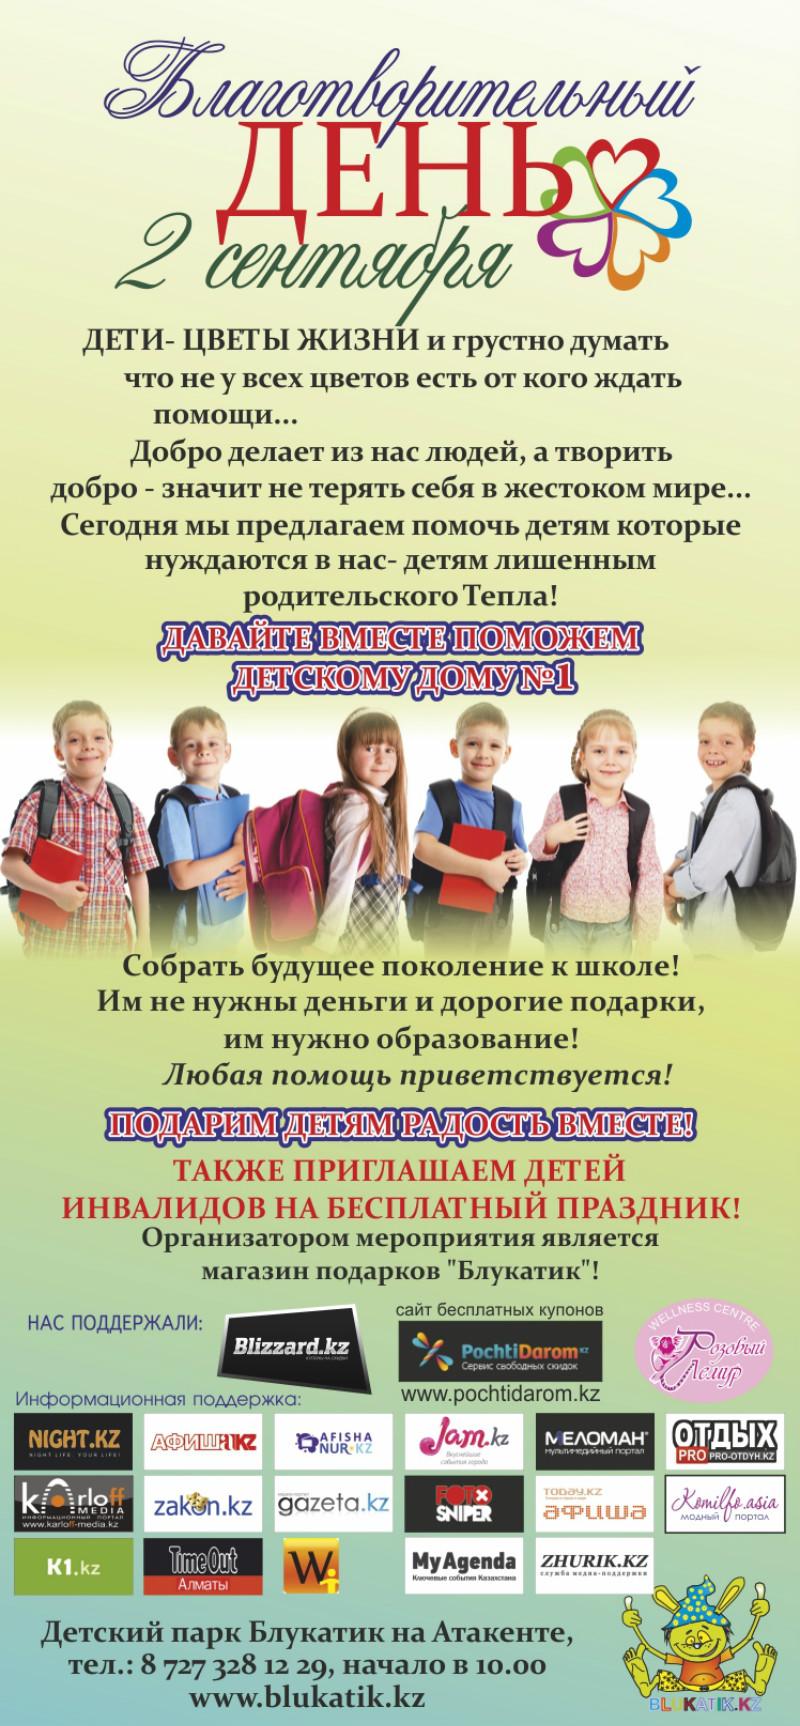 Вся советская эстрада mp3 скачать бесплатно